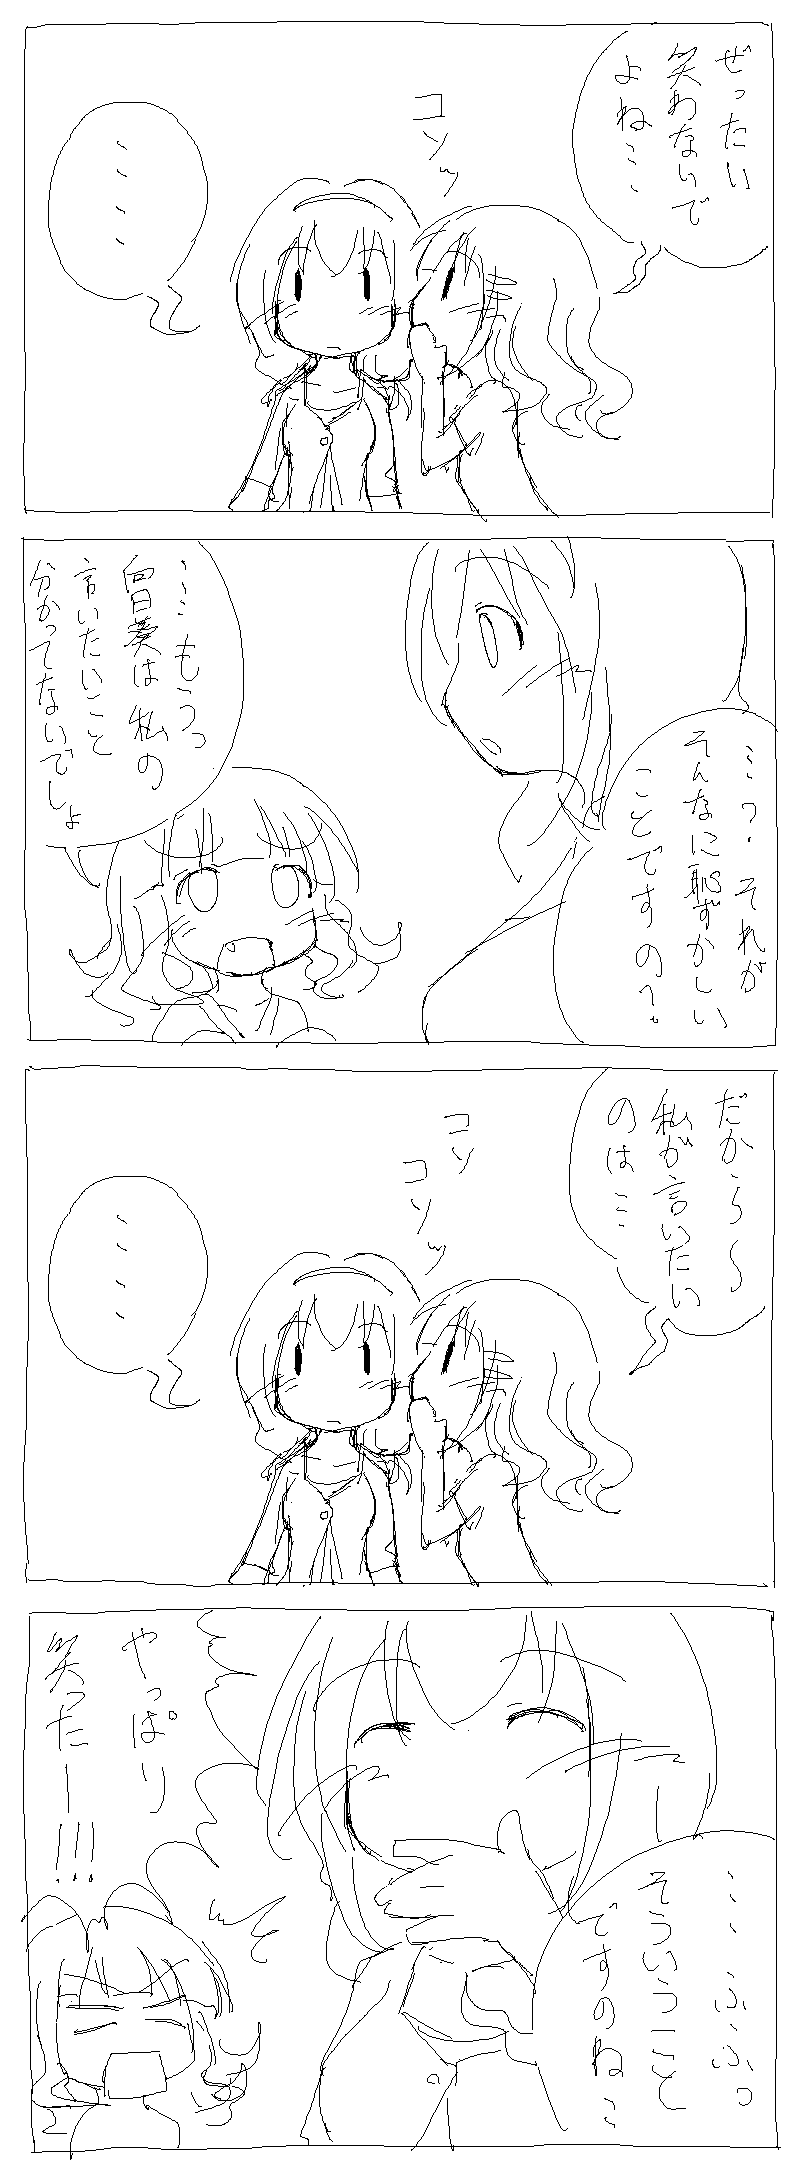 http://blueandgreen.jp/images/himasaku_10.png